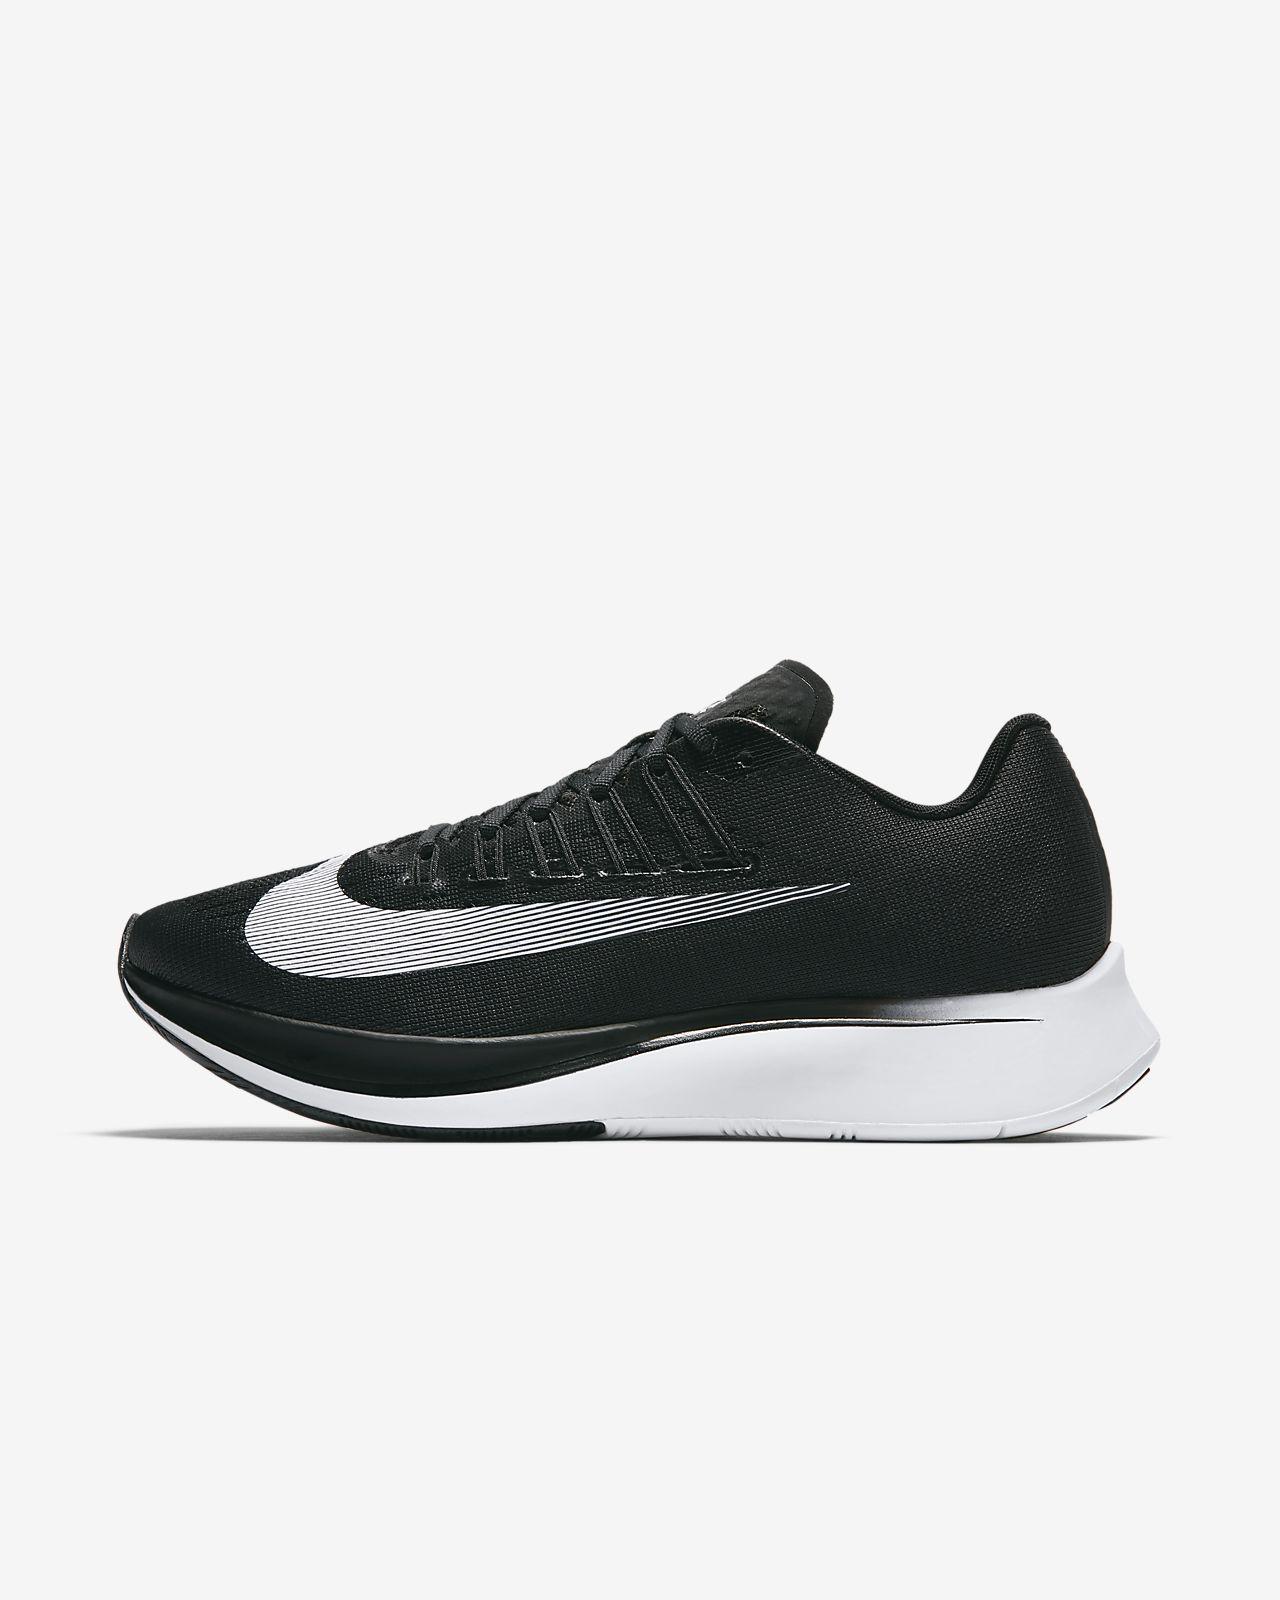 Nike Lunarlon Linea Donna Scarpe Da Corsa/Scarpe Da Ginnasticamisure UK 6